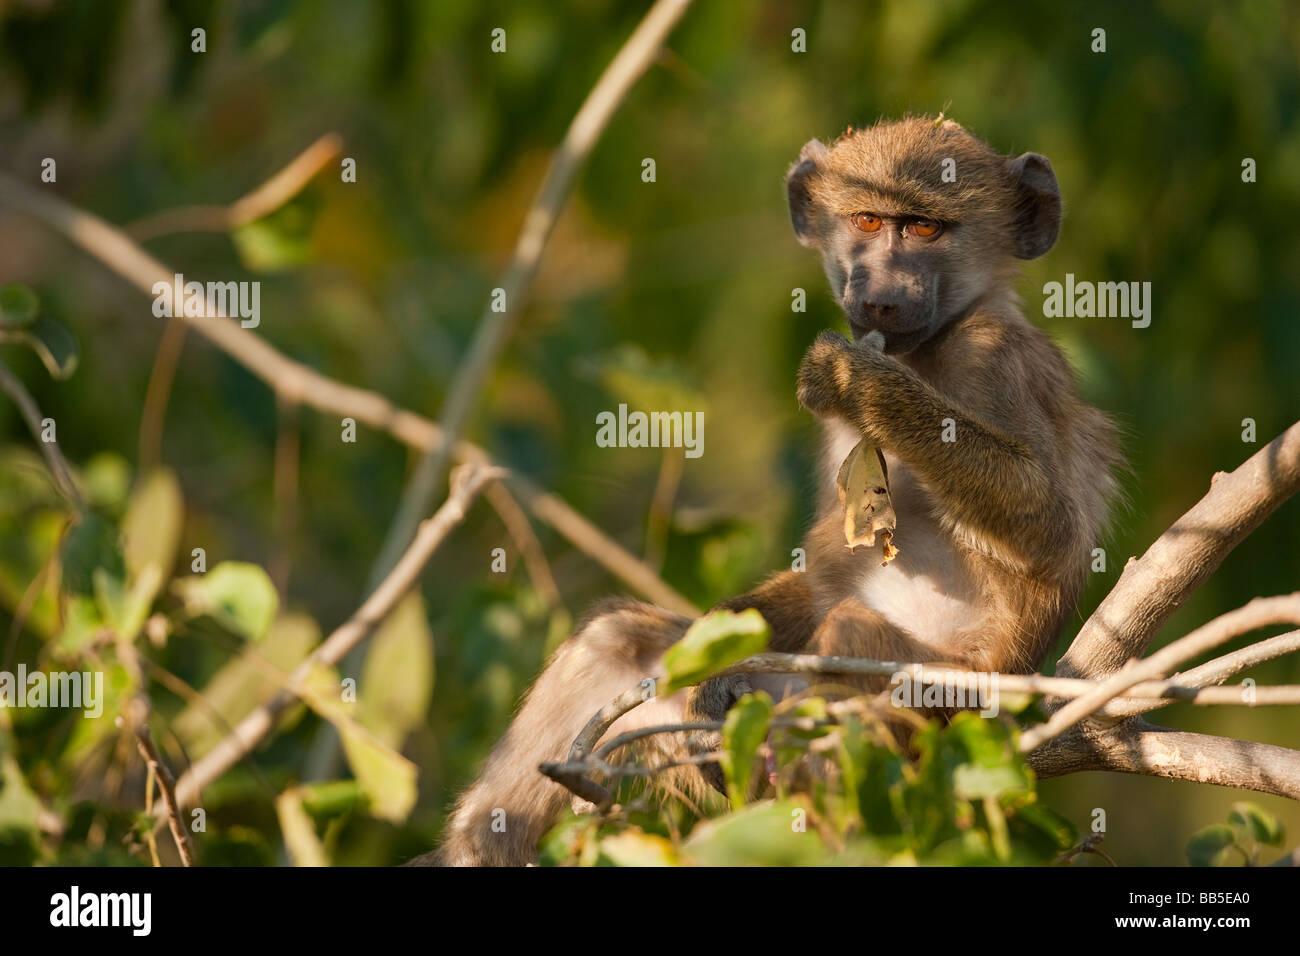 Lindo mono araña africana expresiva sentado en el árbol cerca iluminada por la suave luz cálida big Eyes wide open contacto ocular y jugar con stick Foto de stock